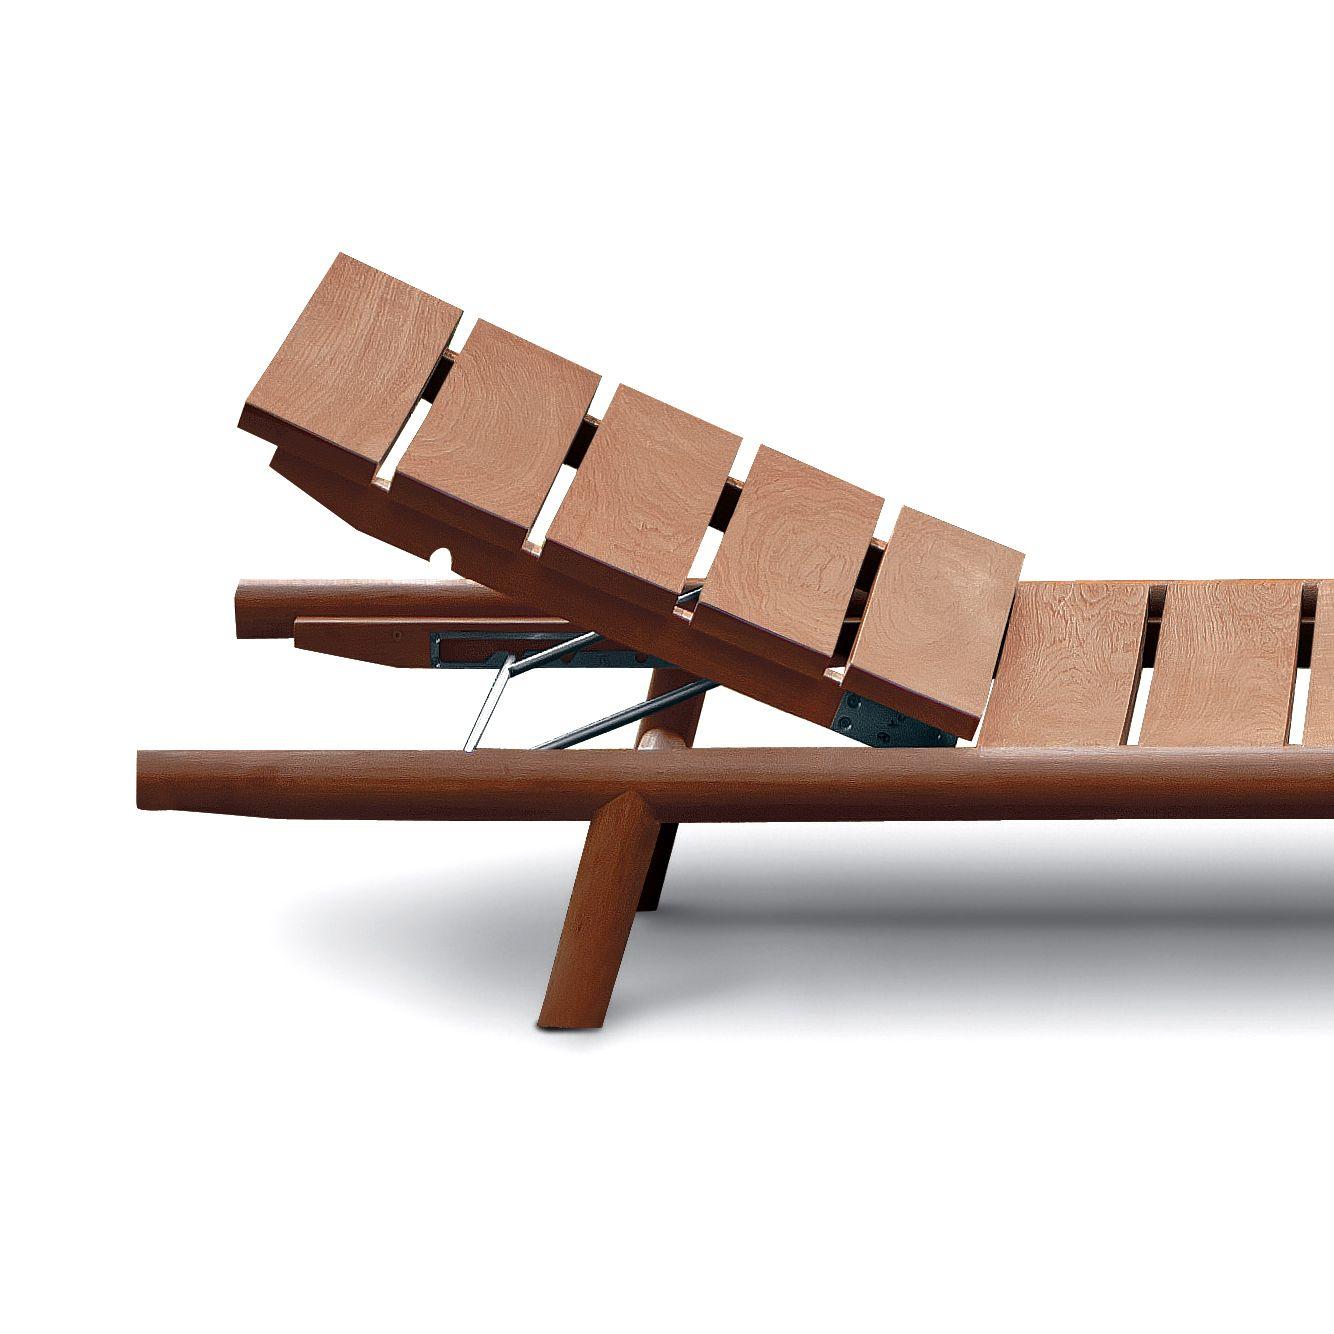 chaises longues orson chaise longue jardin de ville deco. Black Bedroom Furniture Sets. Home Design Ideas